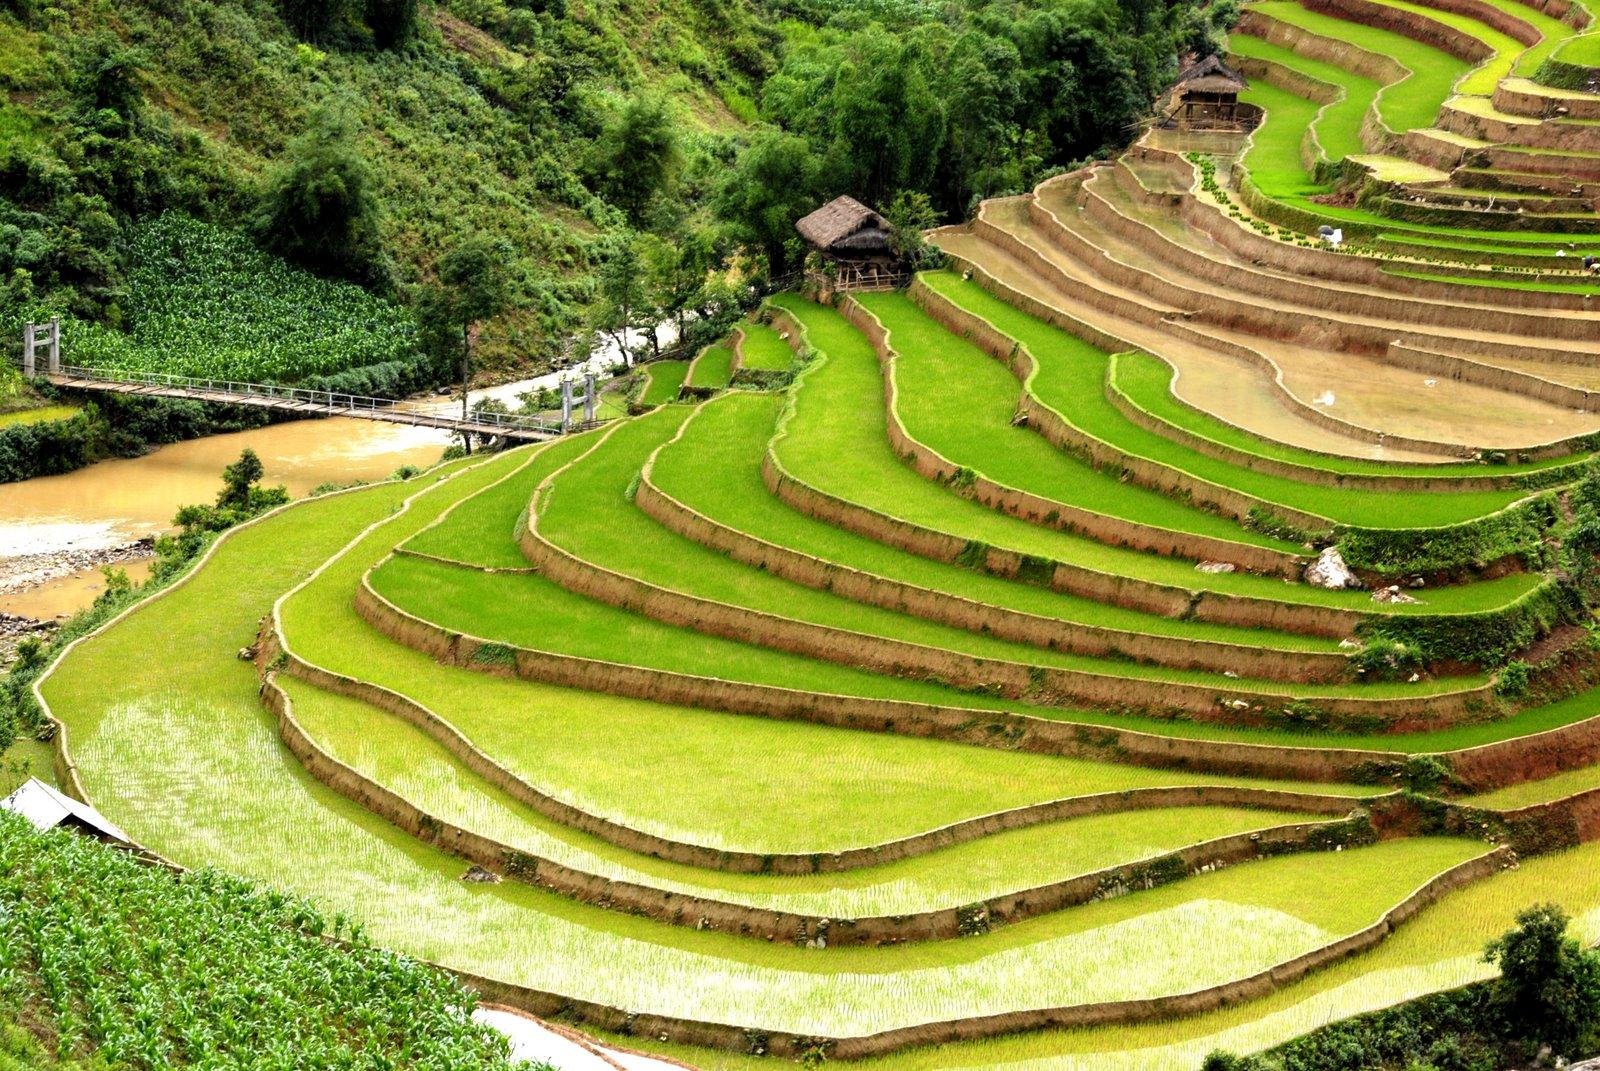 DỊch vụ chuyển phát nhanh từ Quảng Ninh đến Yên Bái giá rẻ, đảm bảo và uy tín